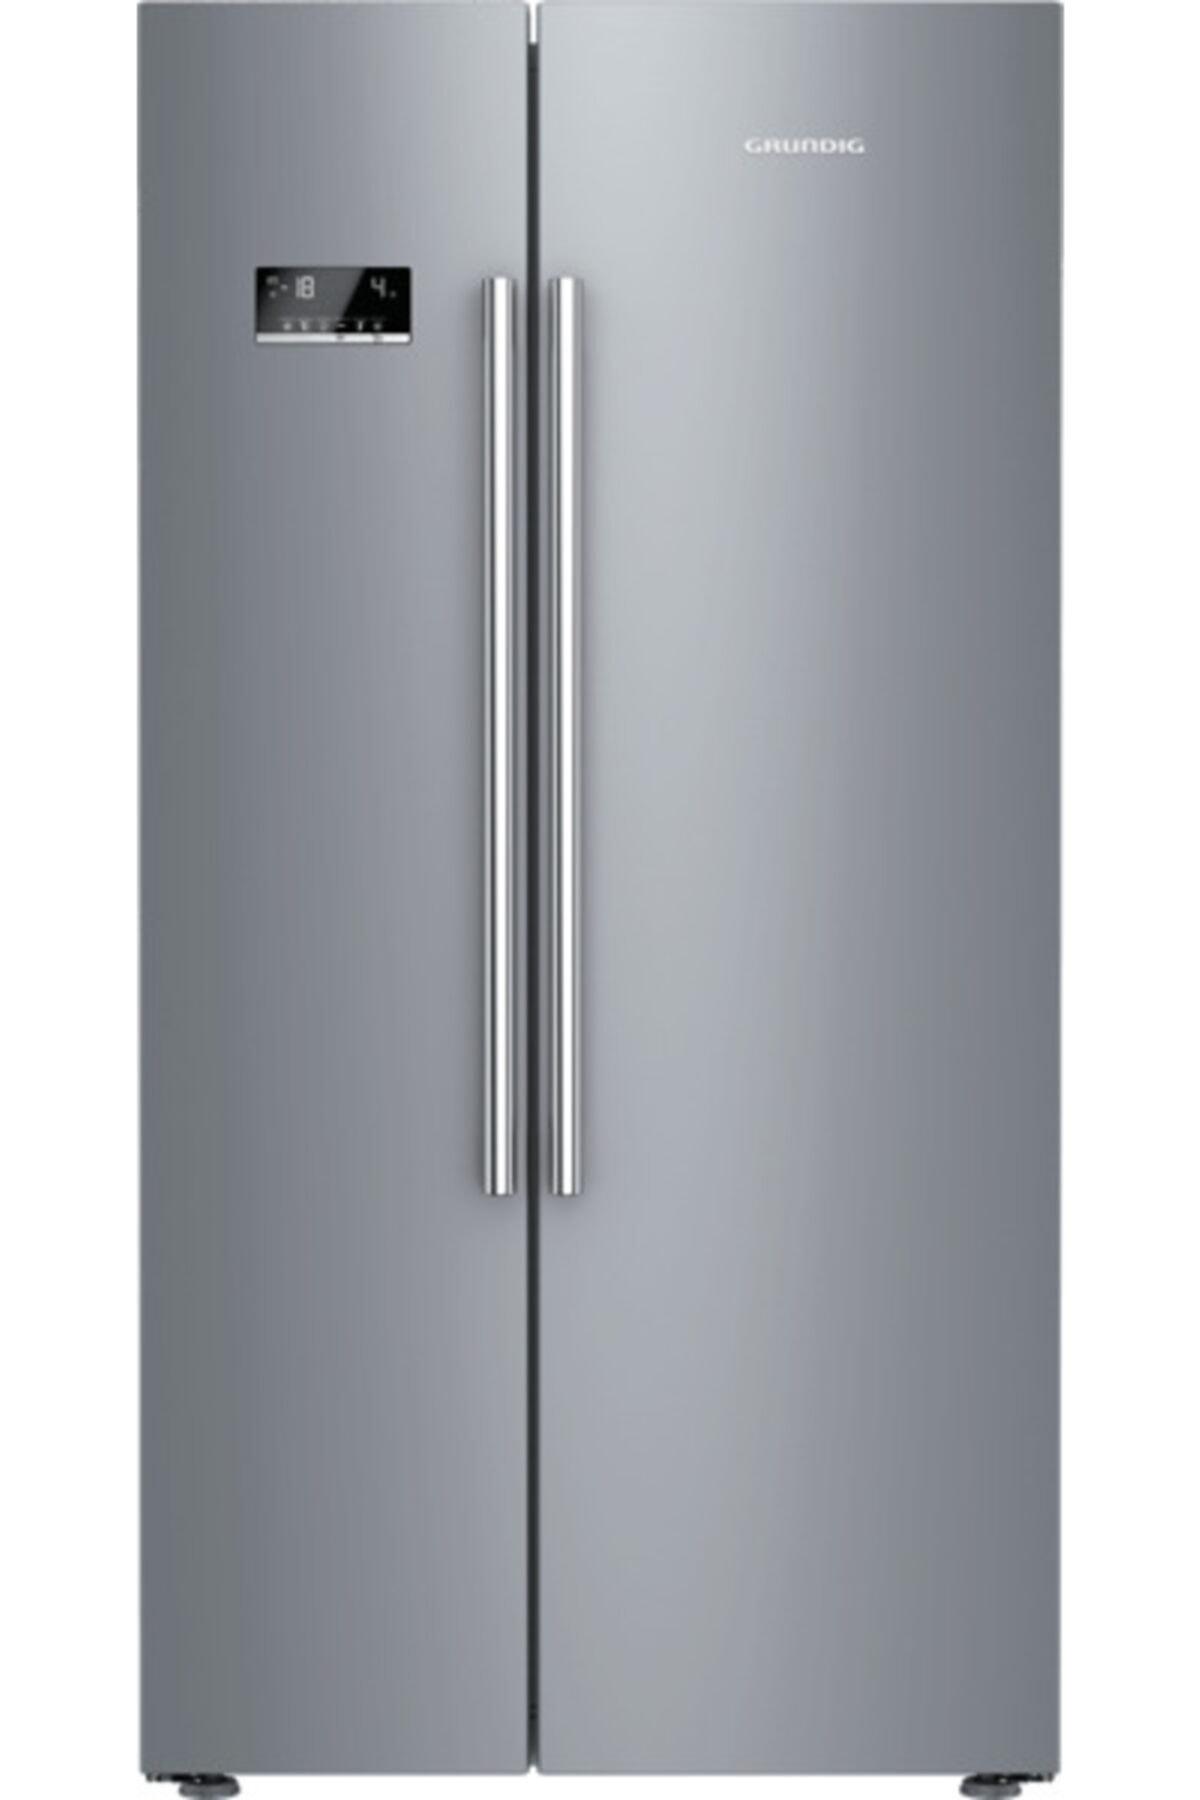 Grundig GSND 6383 S A++ Gardırop Tipi No Frost Buzdolabı 1